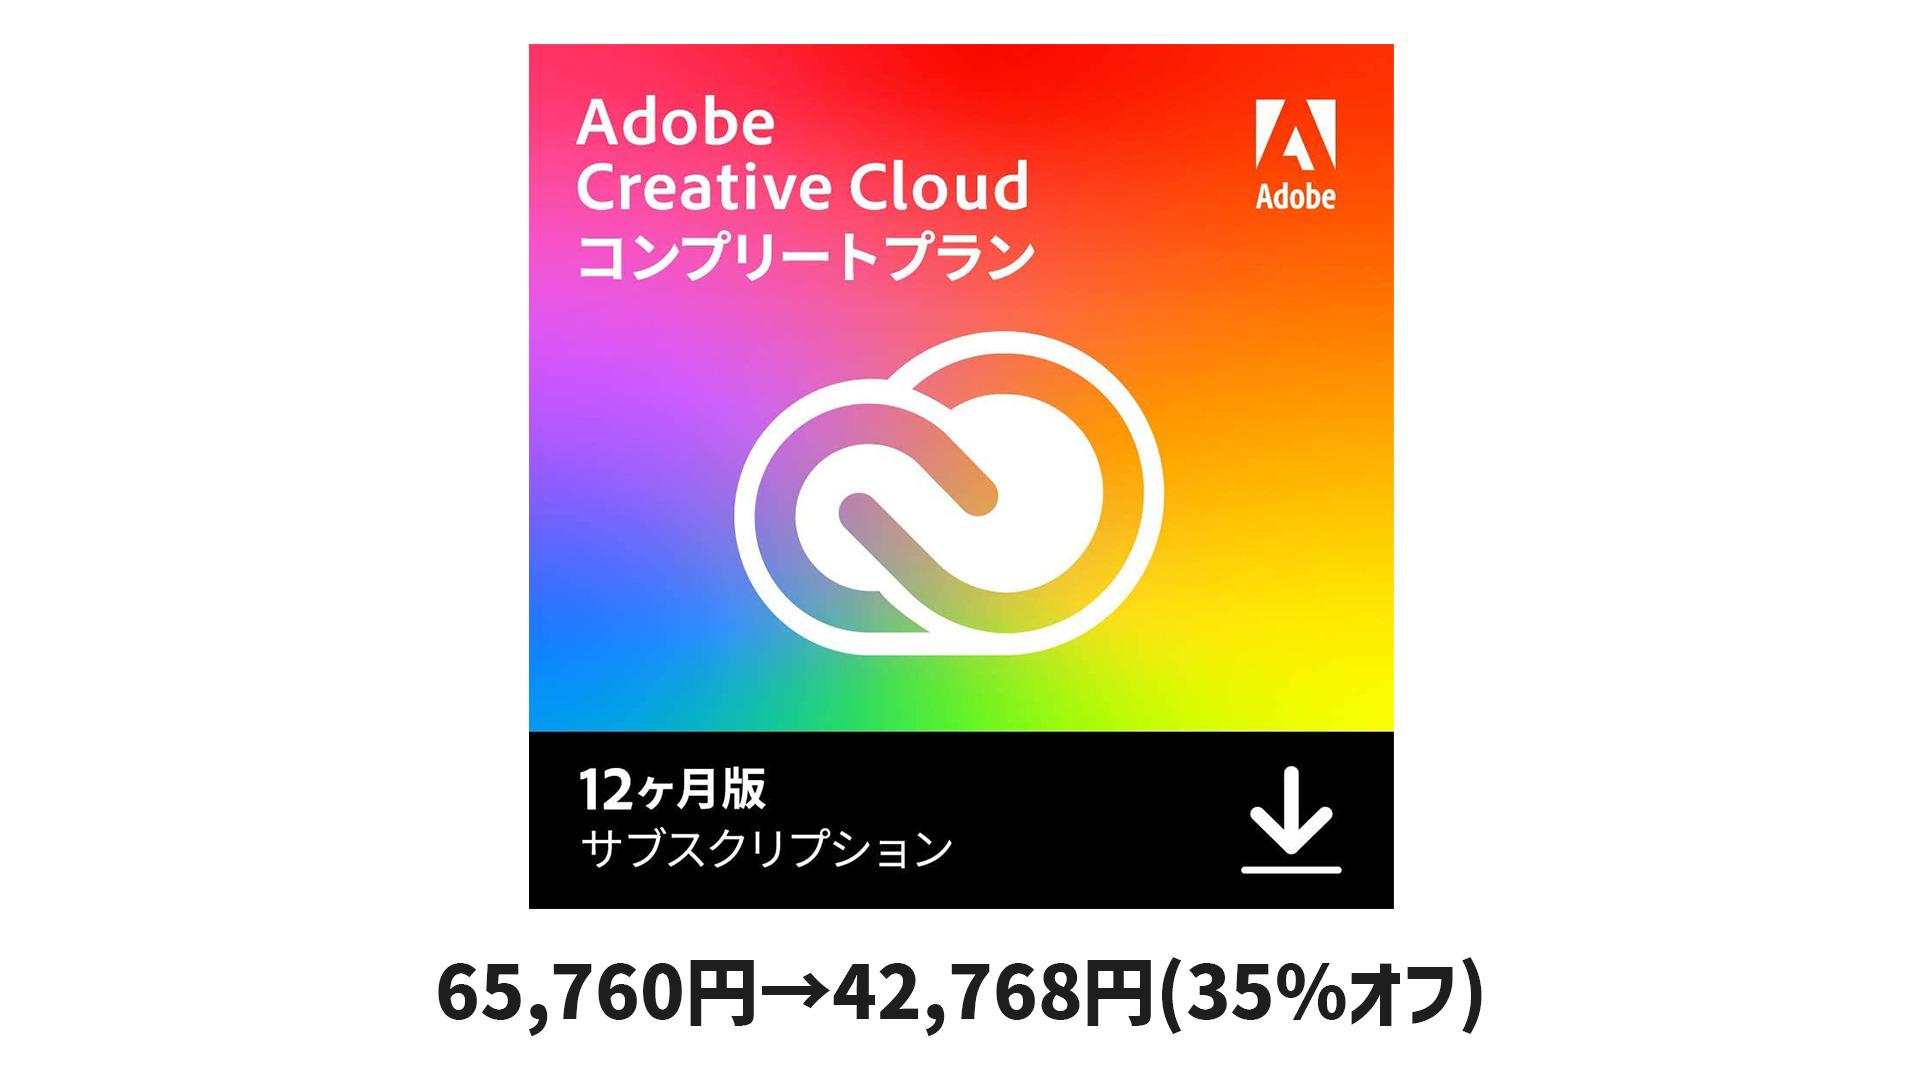 【セール】Adobe CC コンプリートプラン(12ヶ月)版が35%オフの42,768円で販売中